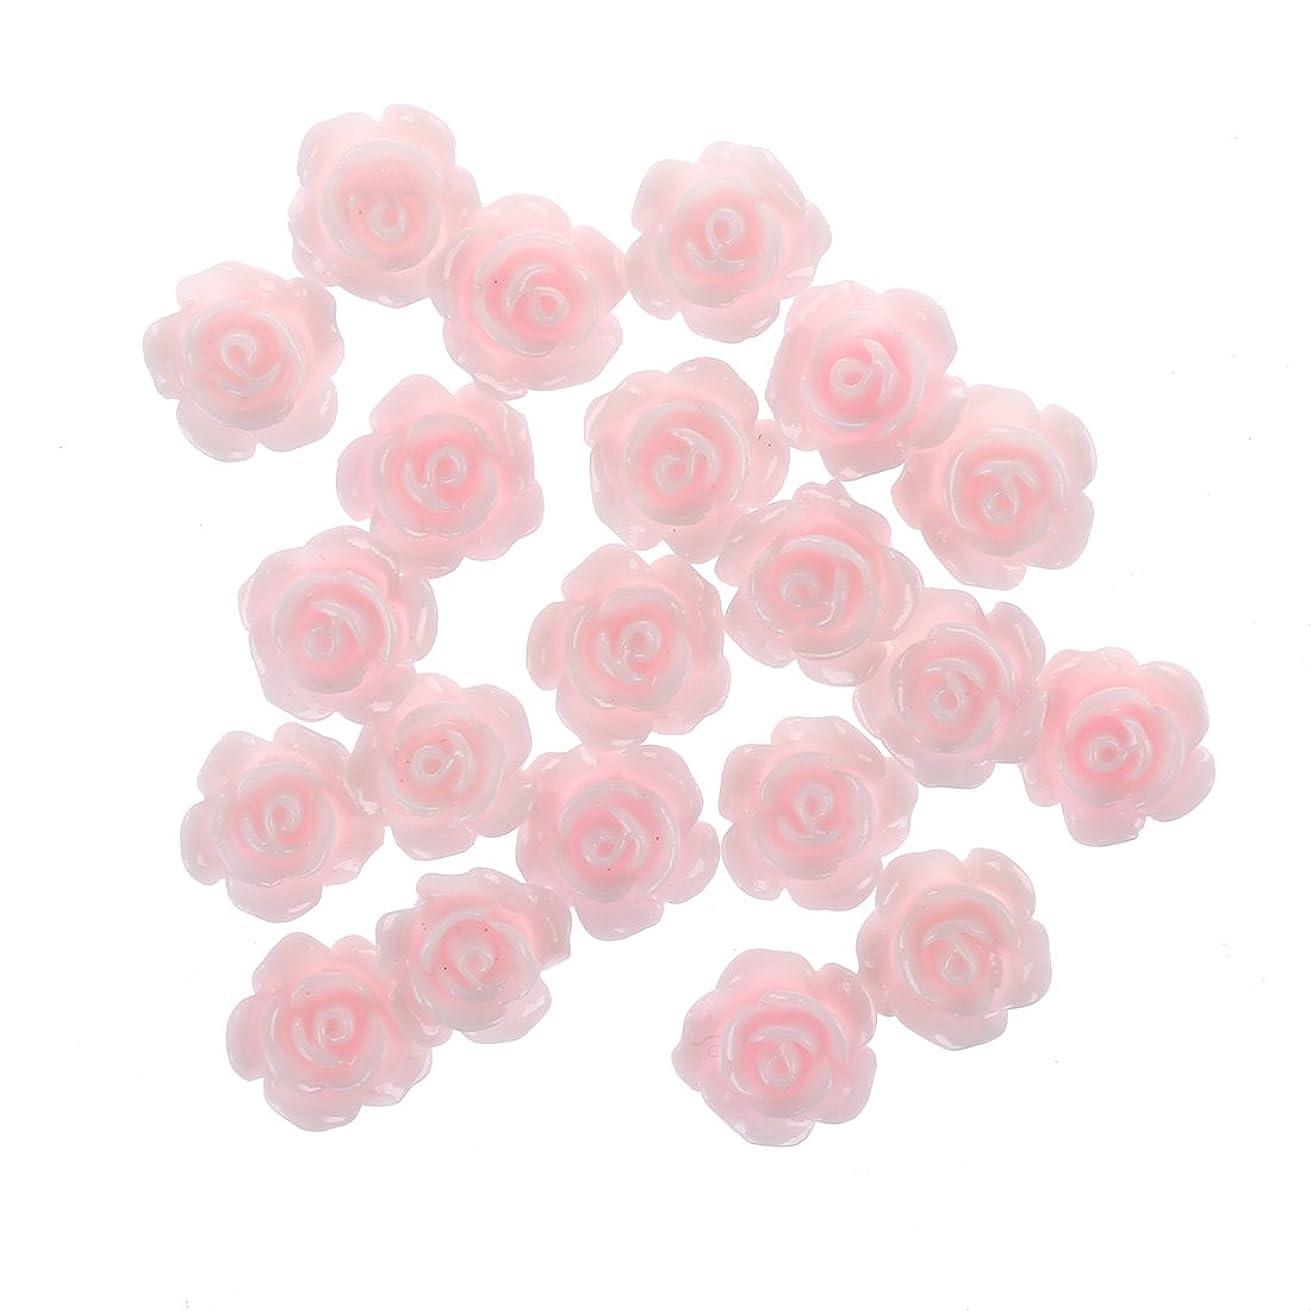 修正四半期優しいRETYLY 20x3Dピンクの小さいバラ ラインストーン付きネイルアート装飾